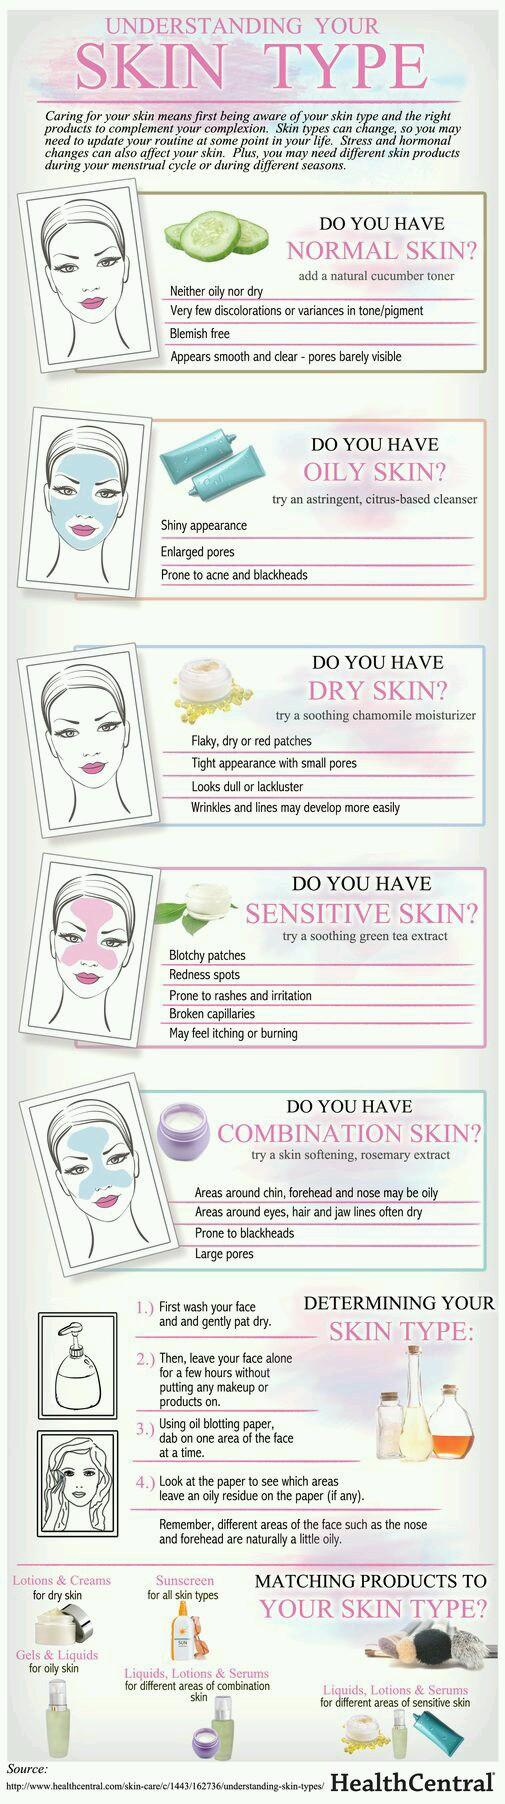 Understanding your Skin Type